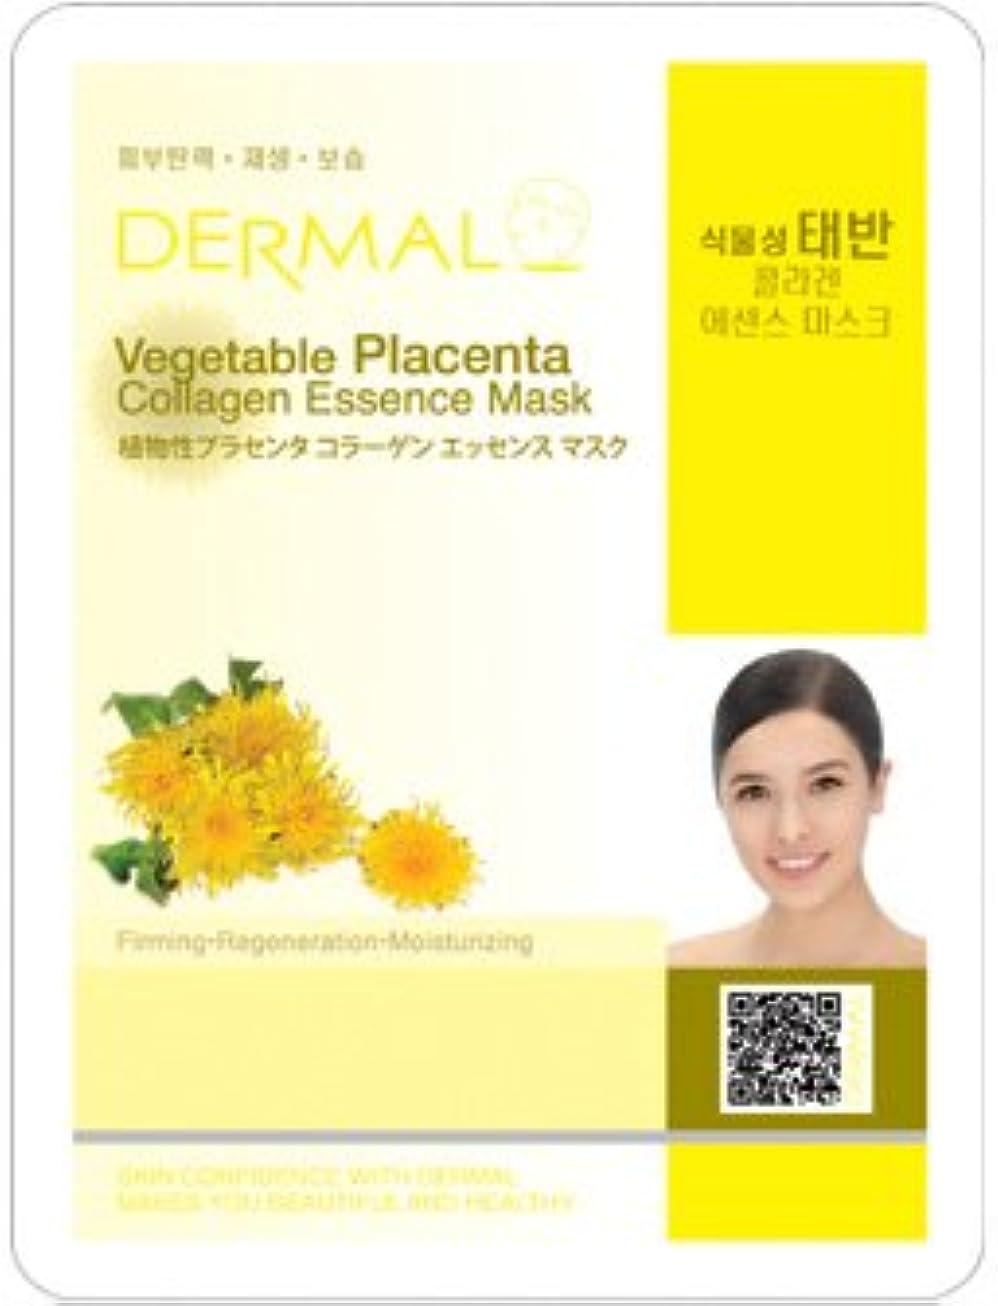 大混乱法廷加速するシート マスク 植物性プラセンタ ダーマル Dermal 23g (10枚セット) フェイス パック